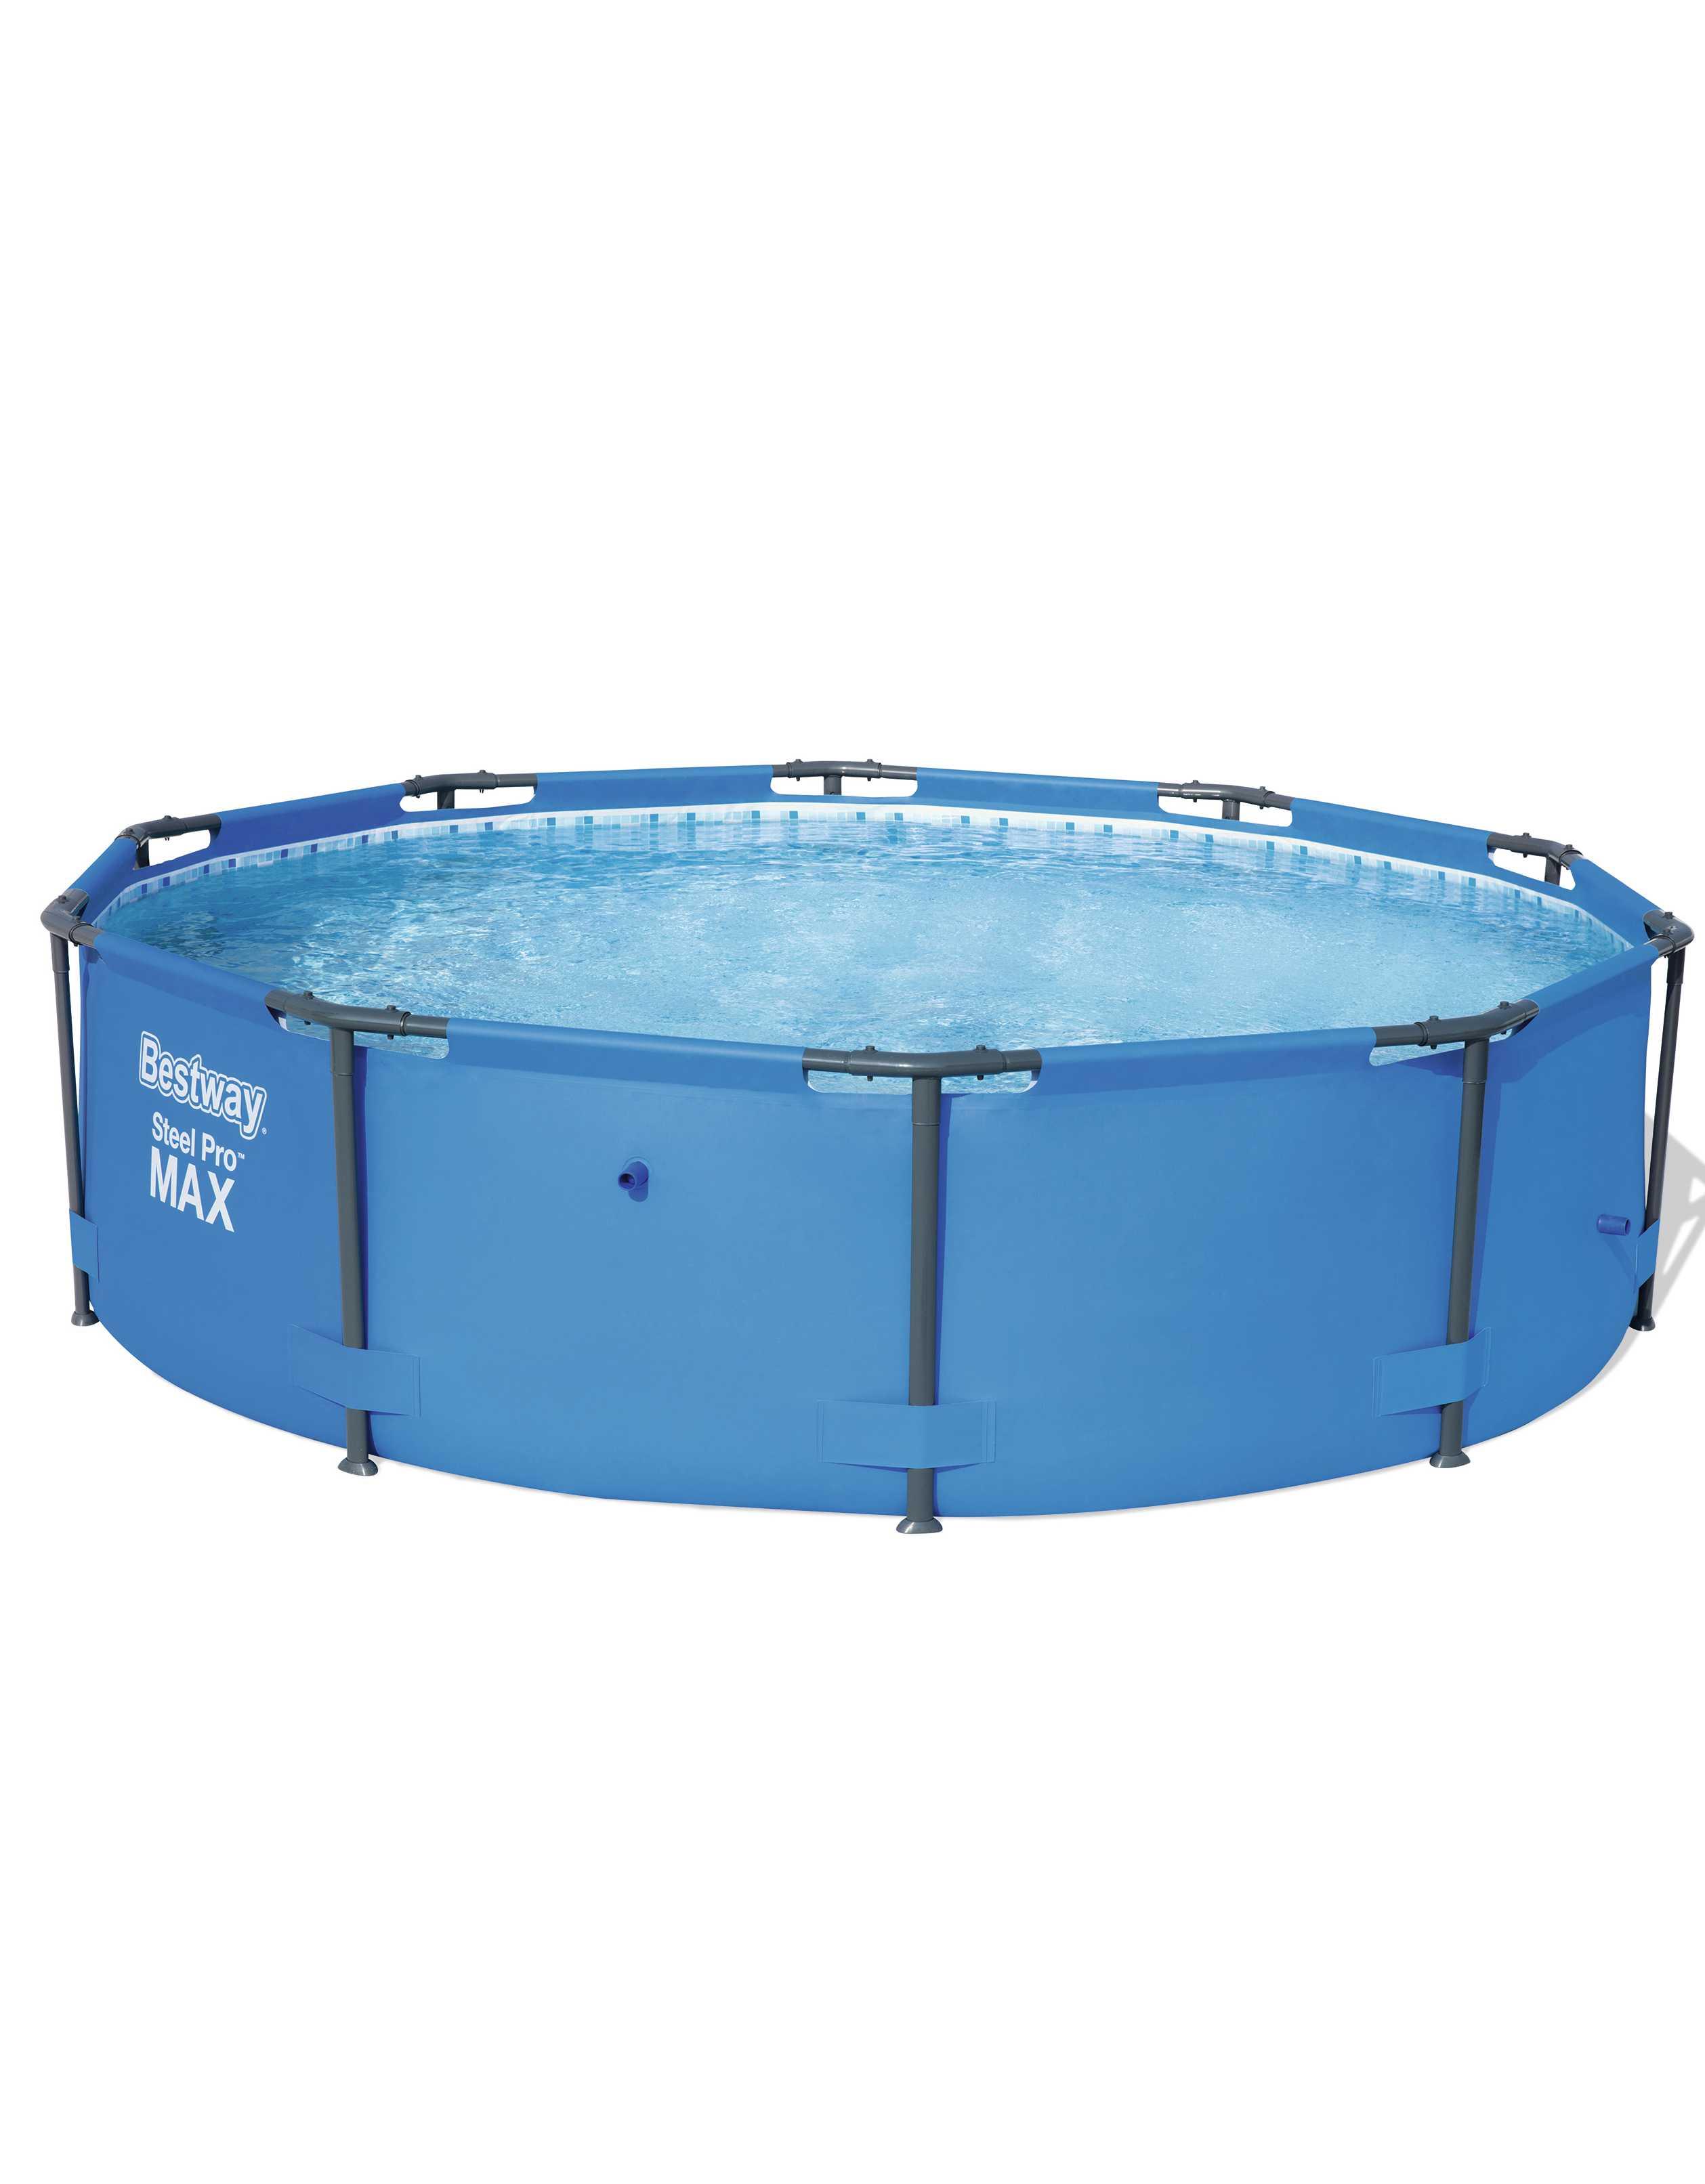 Scaffold Round Pool For Garden Summer Leisure Outdoor Size 305 X100 Cm, Volume 6500 L, Bestway Blue, Item No. 15327